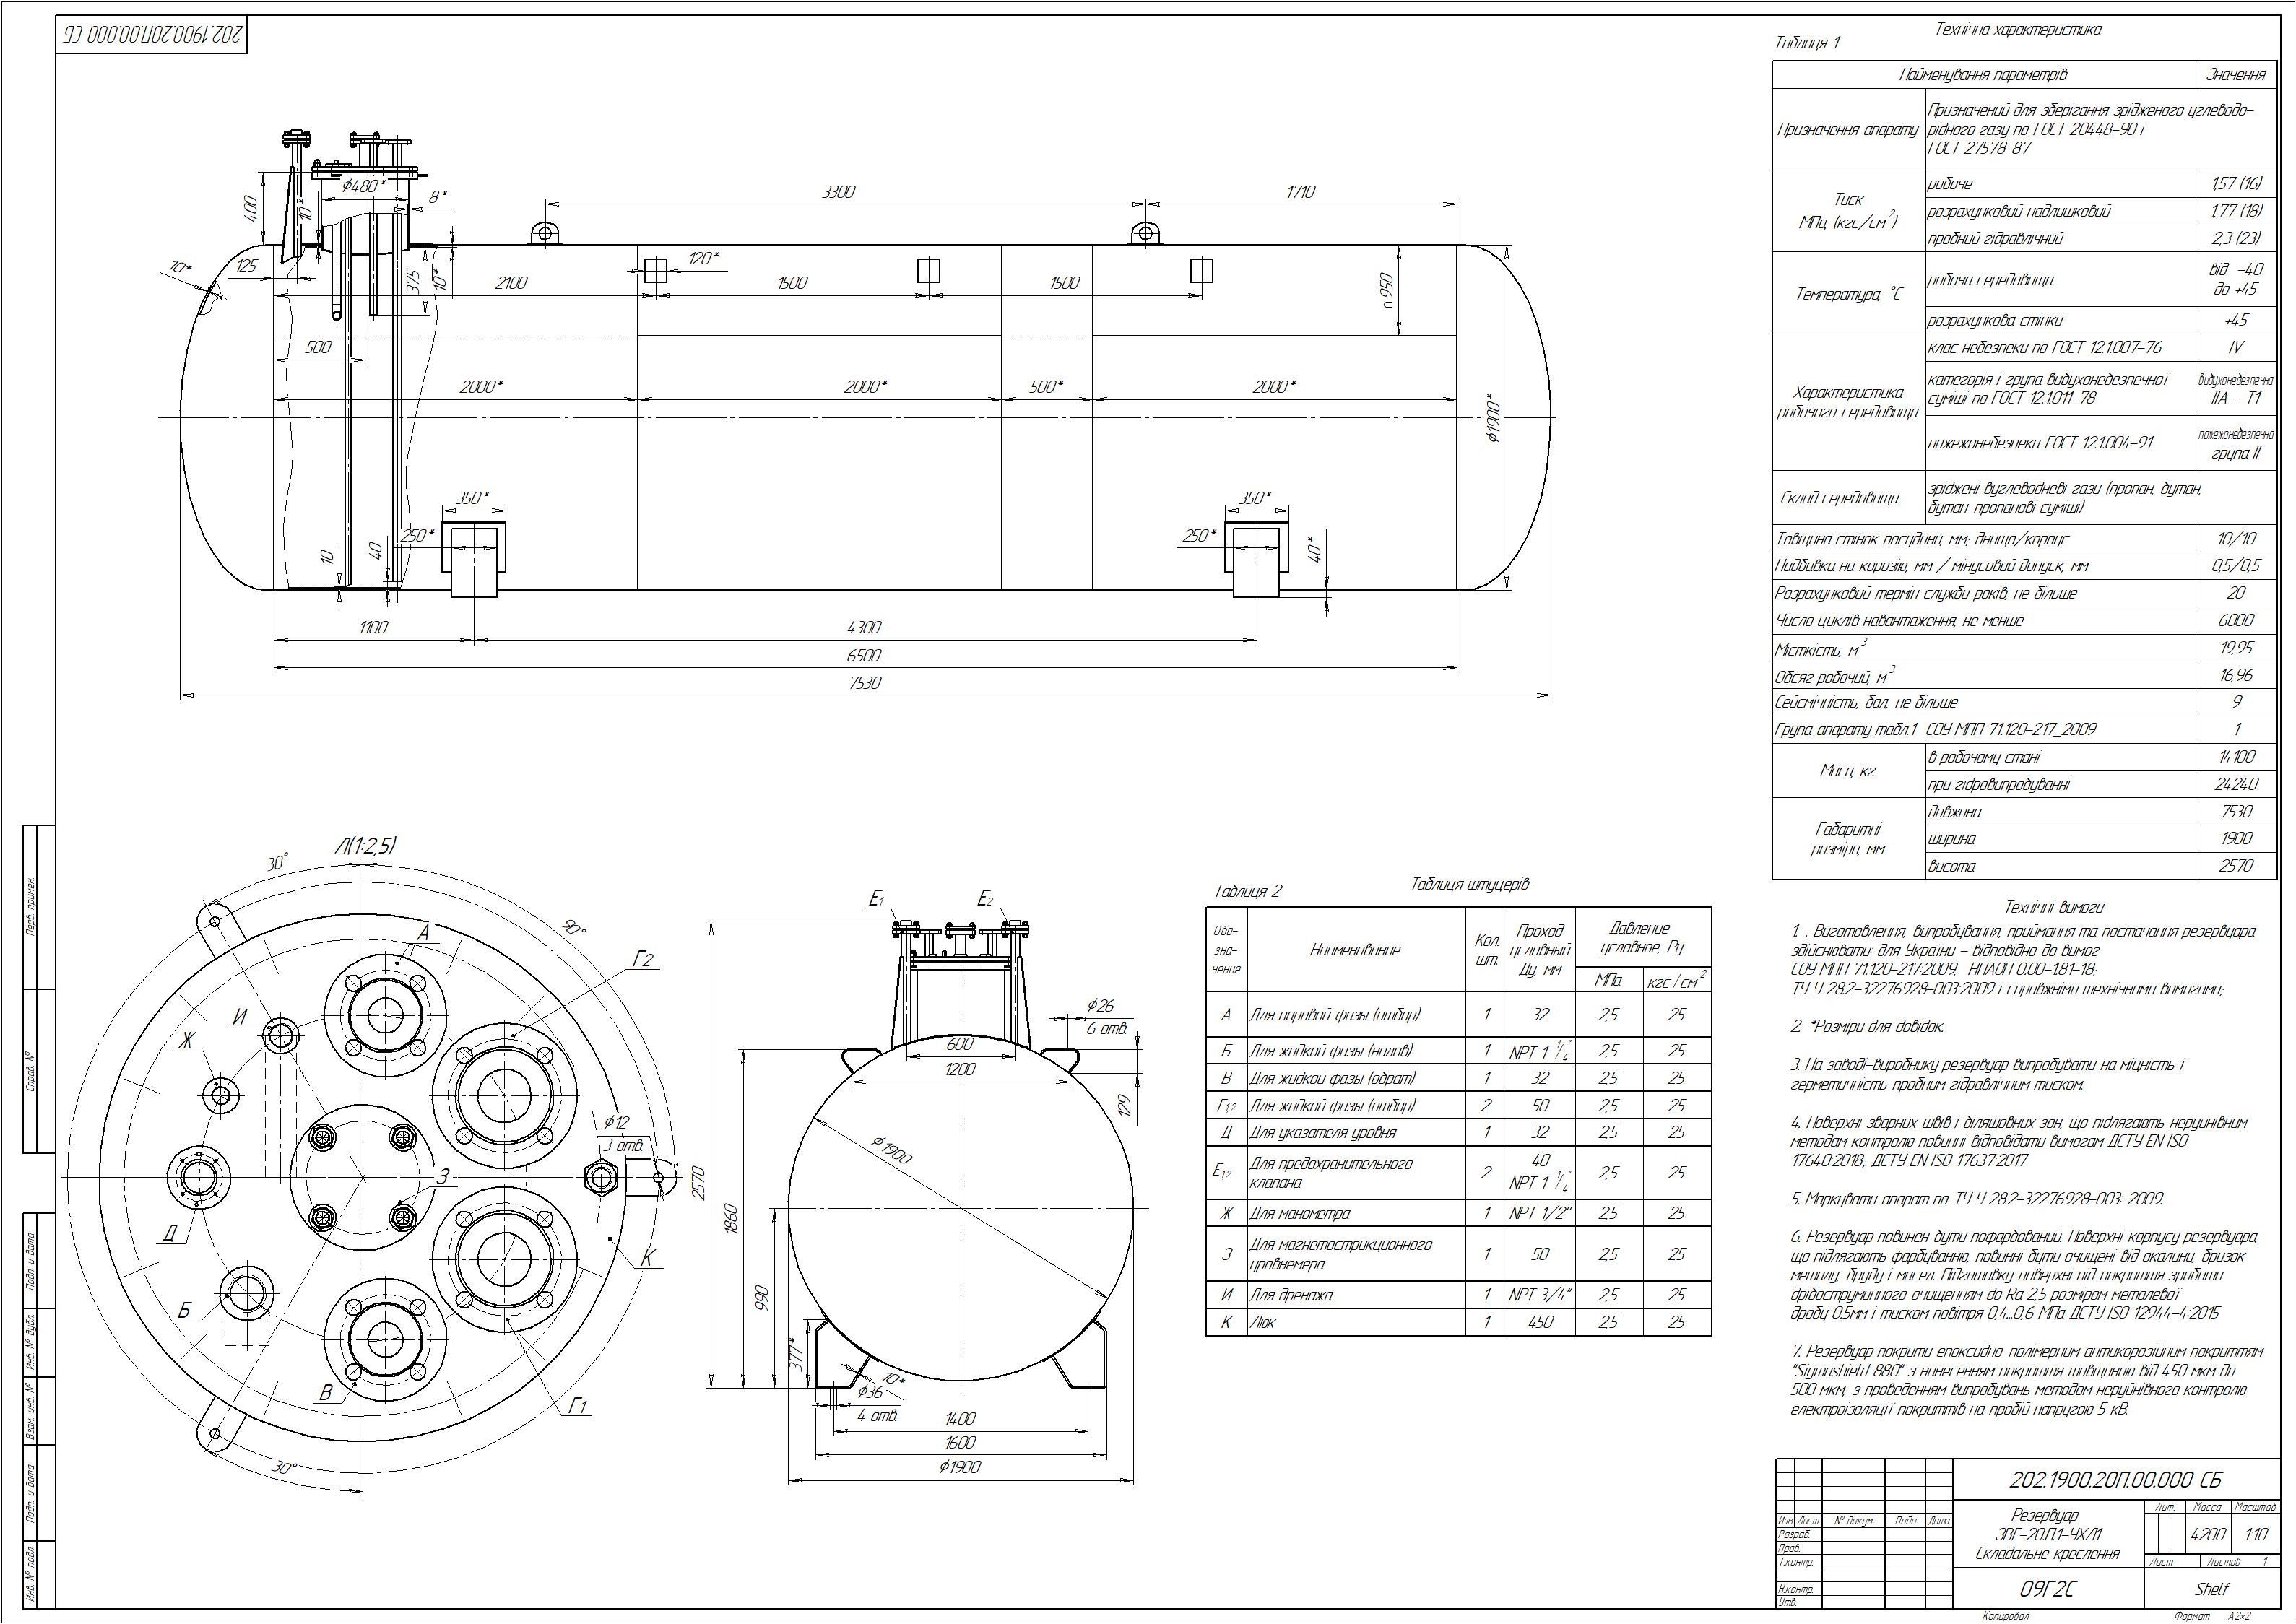 Схема резервуару підземного №14